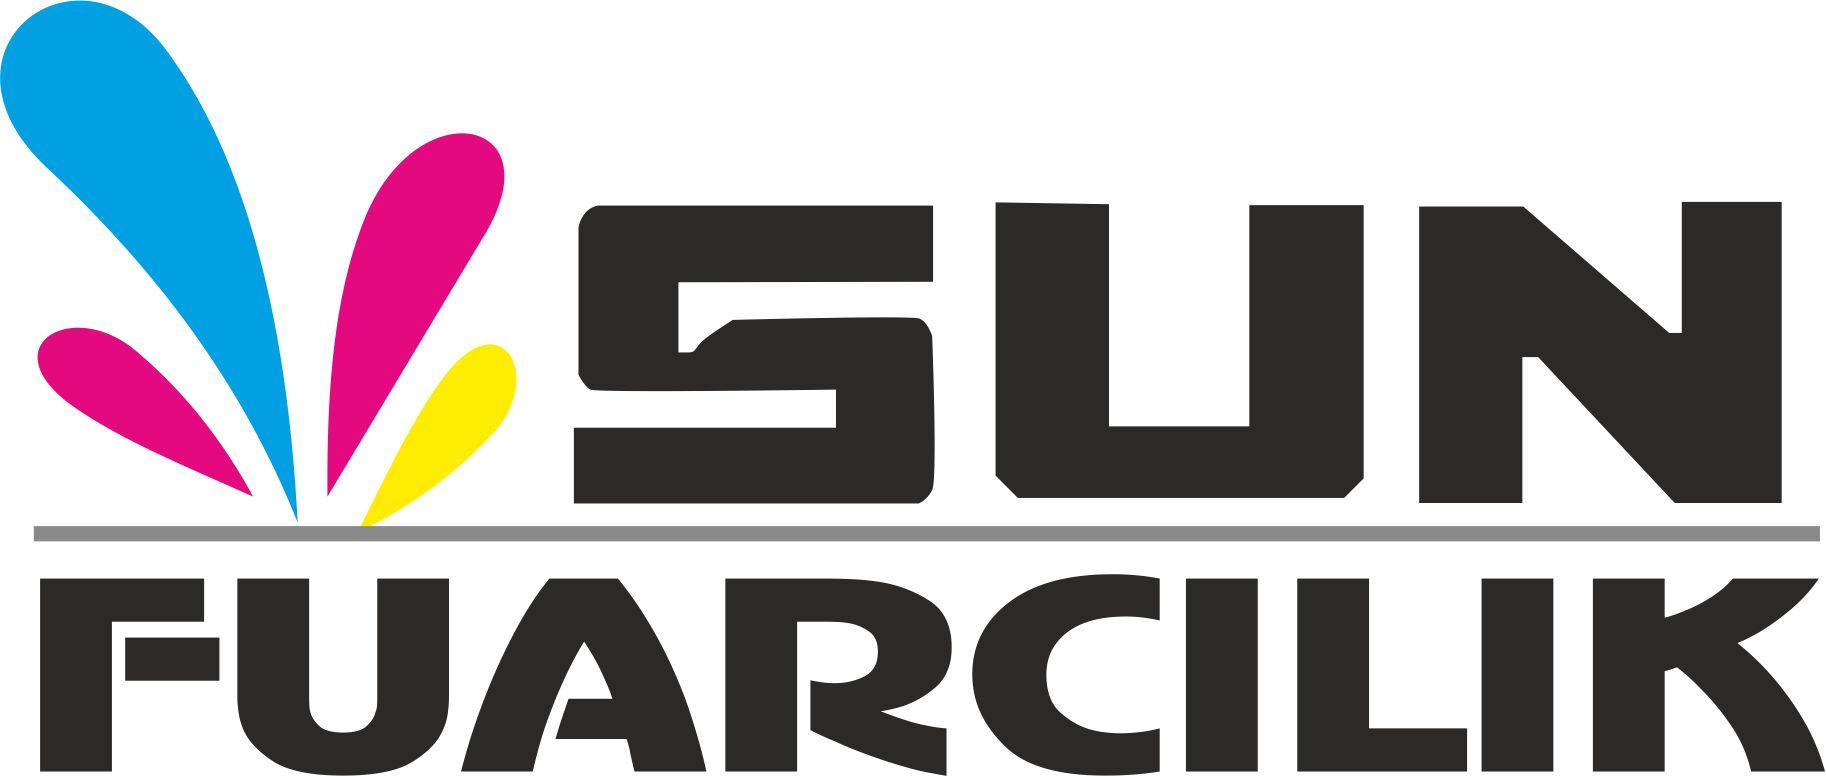 http://sunfuarcilik.com/